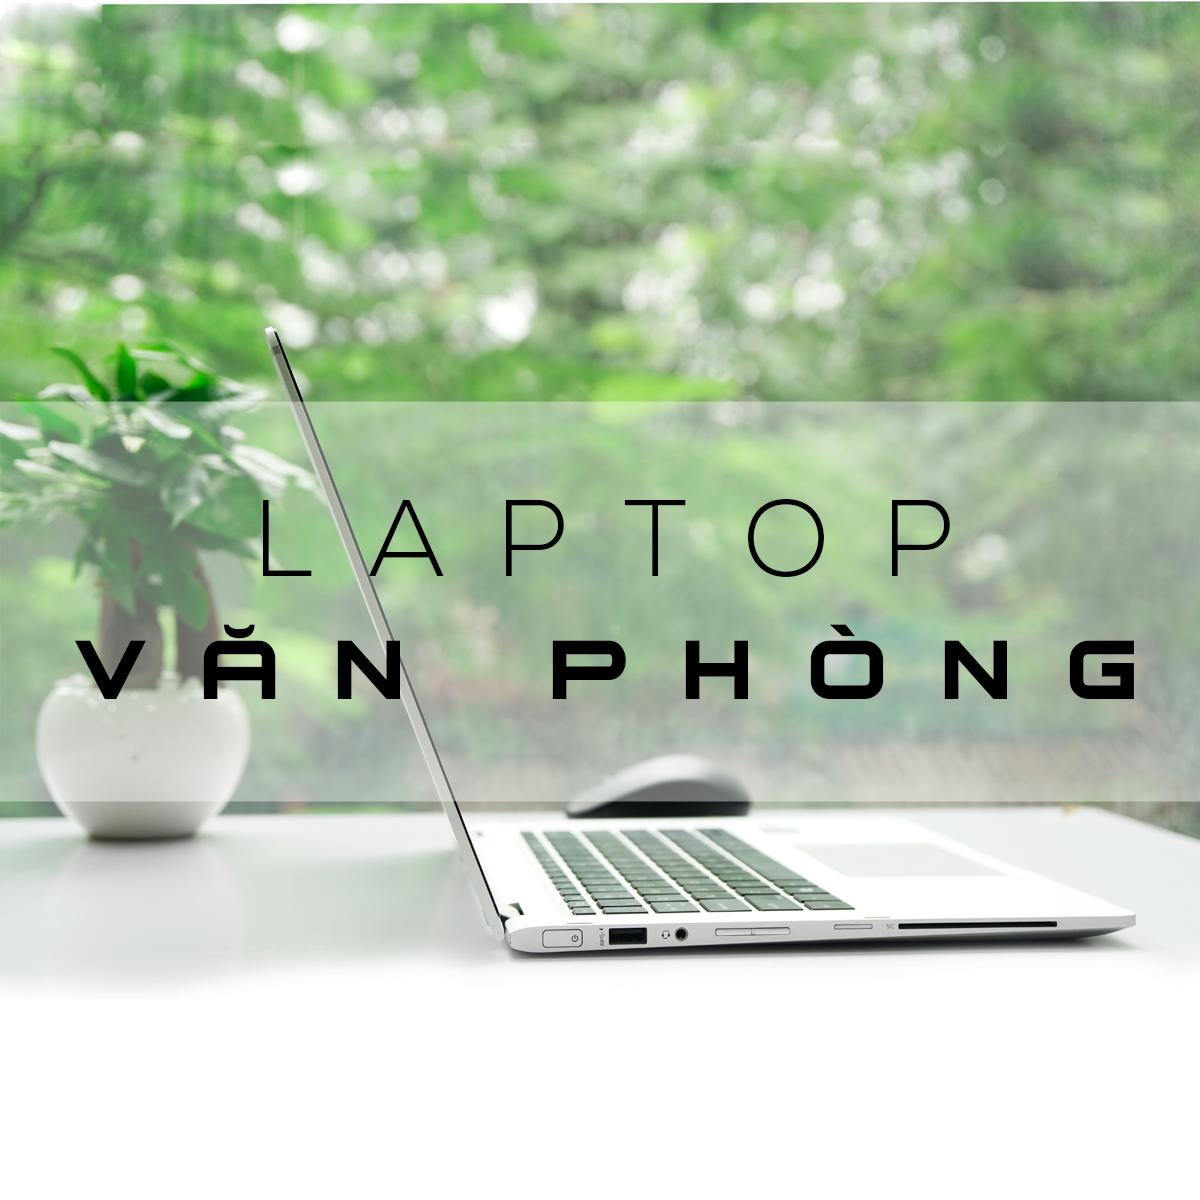 VAN PHONG